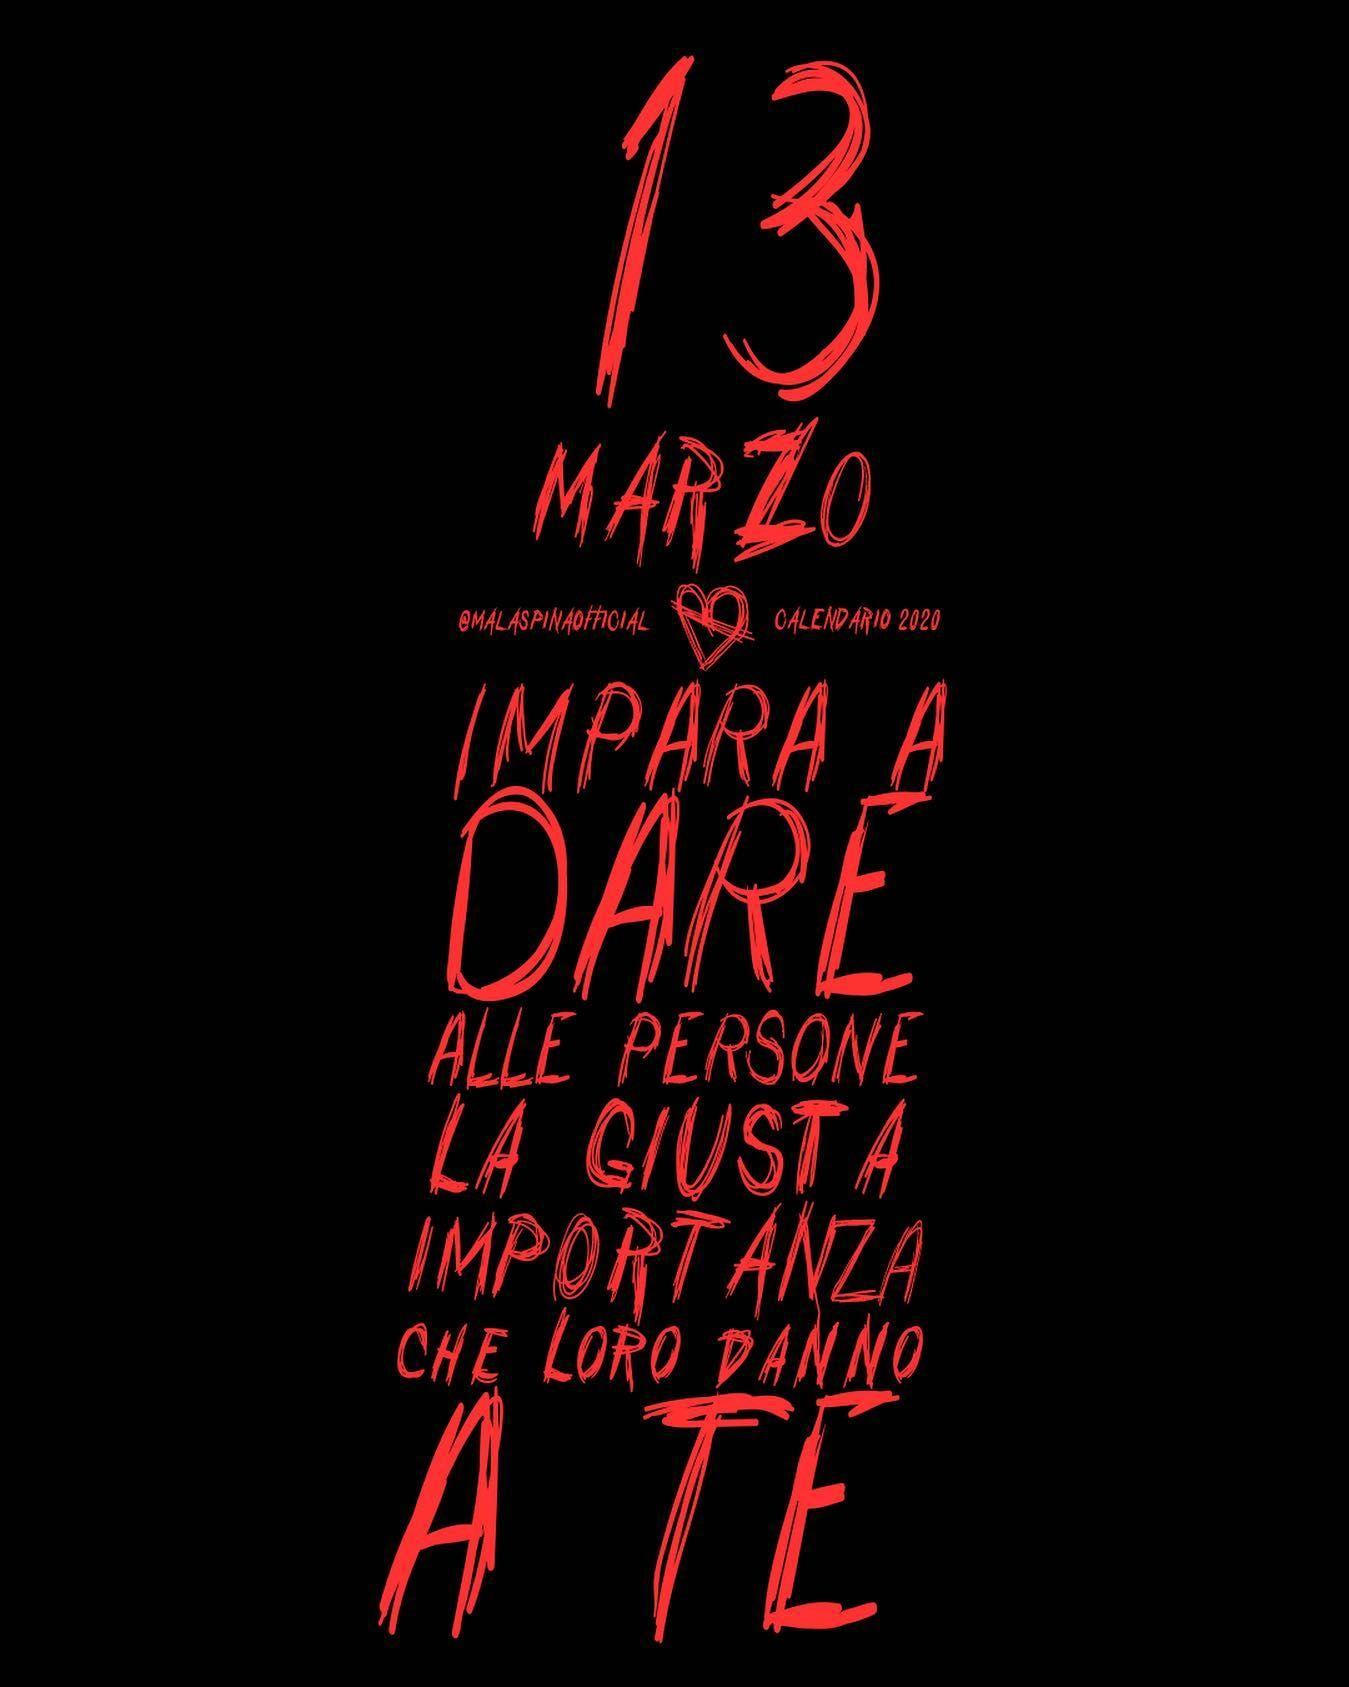 13 MARZO // IMPARA A DARE ALLE PERSONE LA GIUSTA IMPORTANZA CHE LORO DANNO A TE . #malaspina #malaspinaofficial #essere #frasibellissime #citazioni #aforisma #aforismi #pensieri #frasidamore #tivogliobene #frasi #frasitop #frasibelle #frasitumblr #frasivere #frasiitaliane #frasisignificative #citazione #felicità #pensiero #vita #amore #tiamo #mente #tumblr #frasiitaliane #mimanchi #amicizia